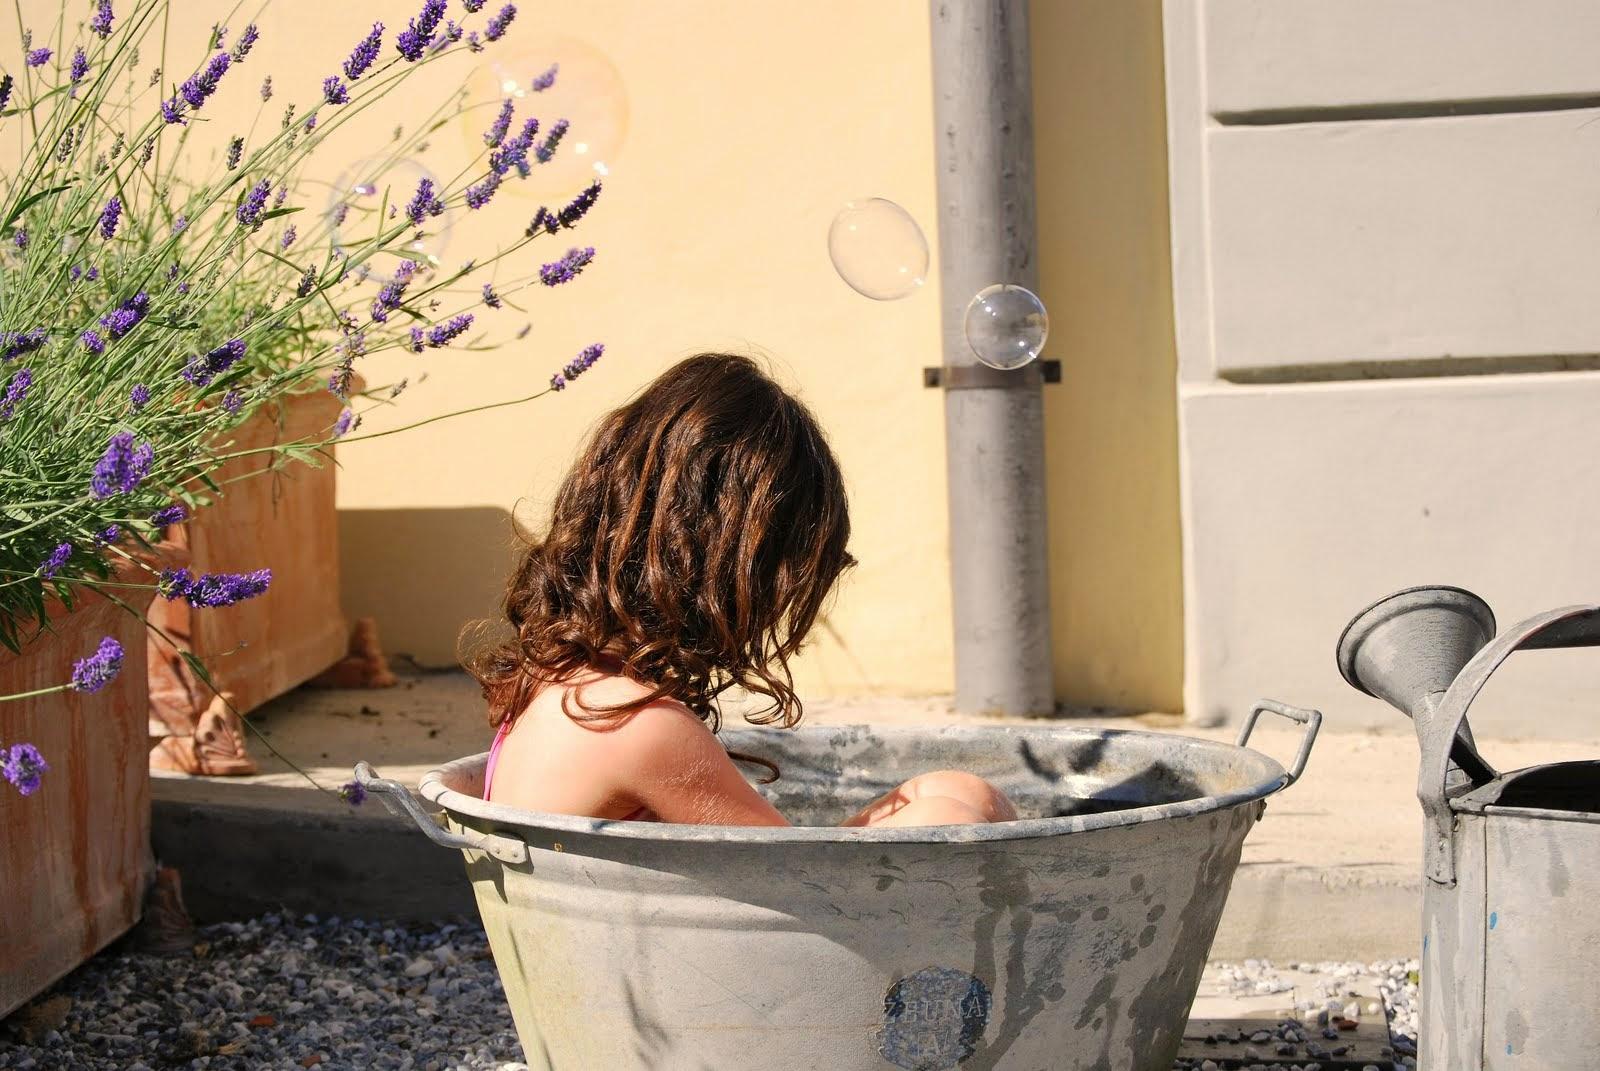 Ceramiche appia nuova un bagno per tutti - Ceramiche appia nuova roma bagno ...